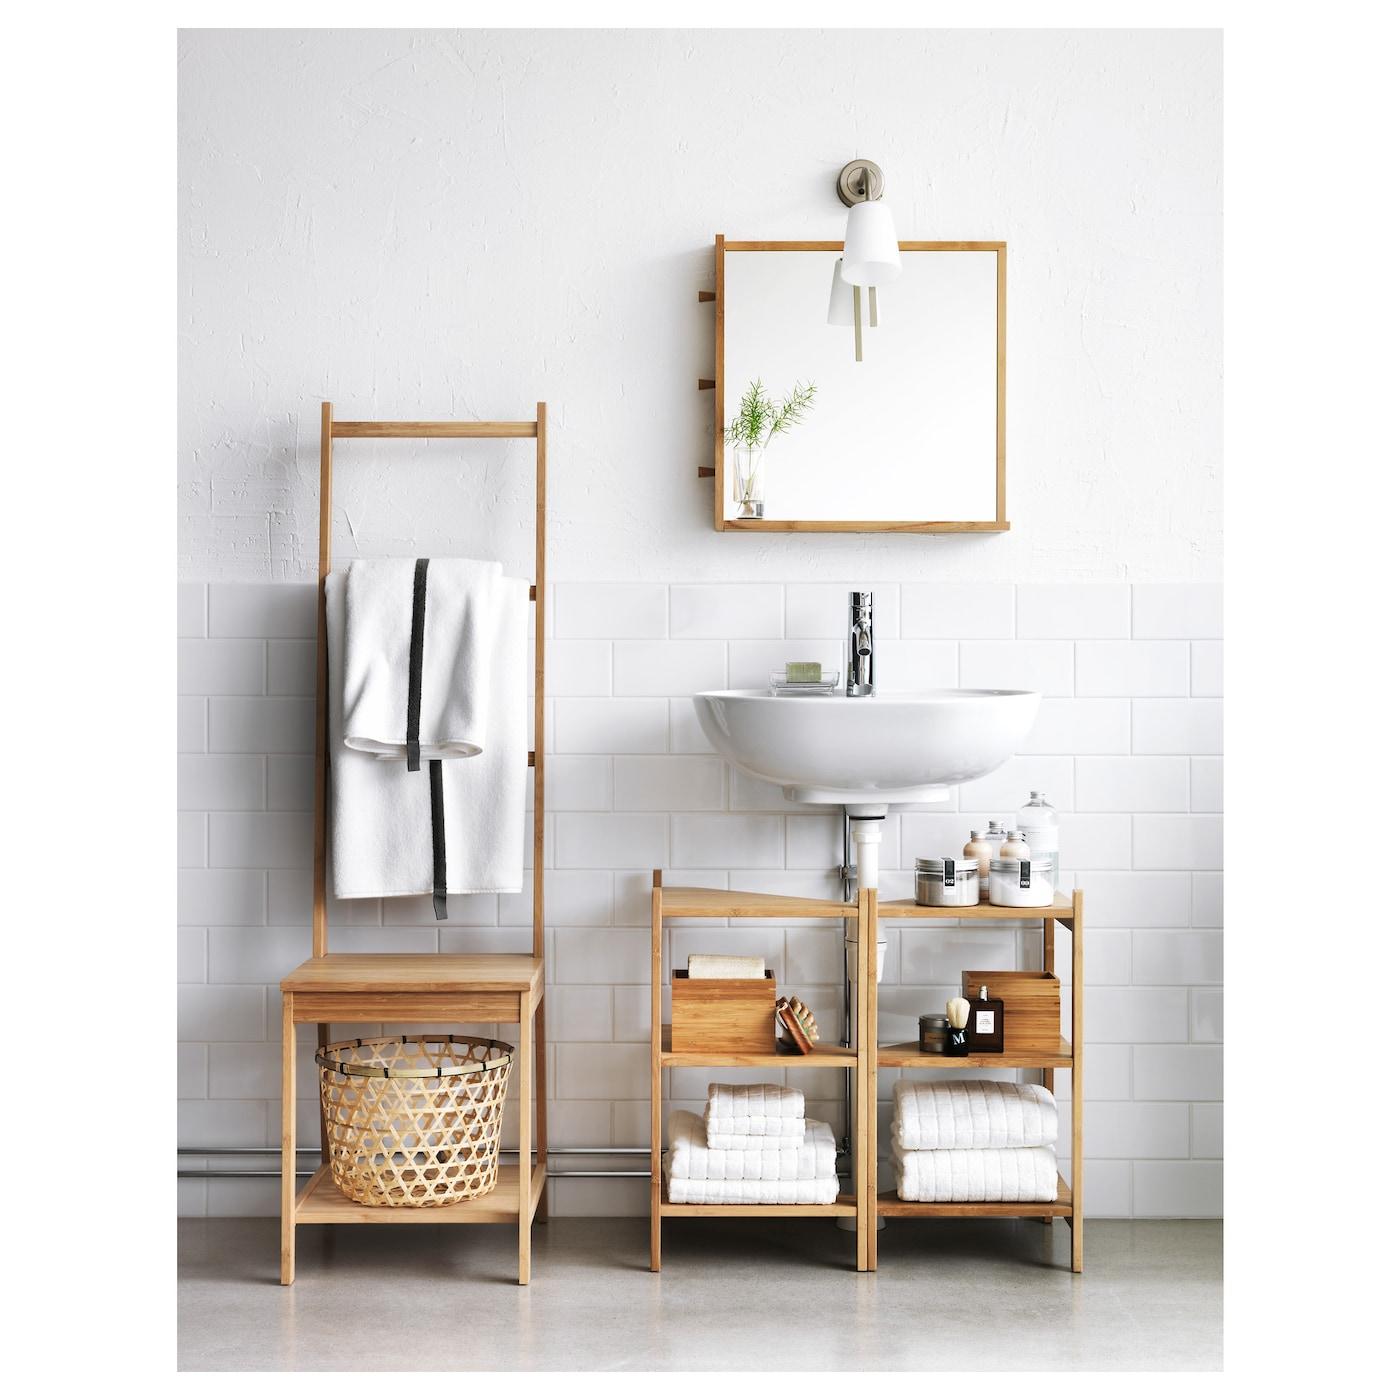 R grund wash basin corner shelf bamboo 34x60 cm ikea - Idee deco salle de bain ikea ...